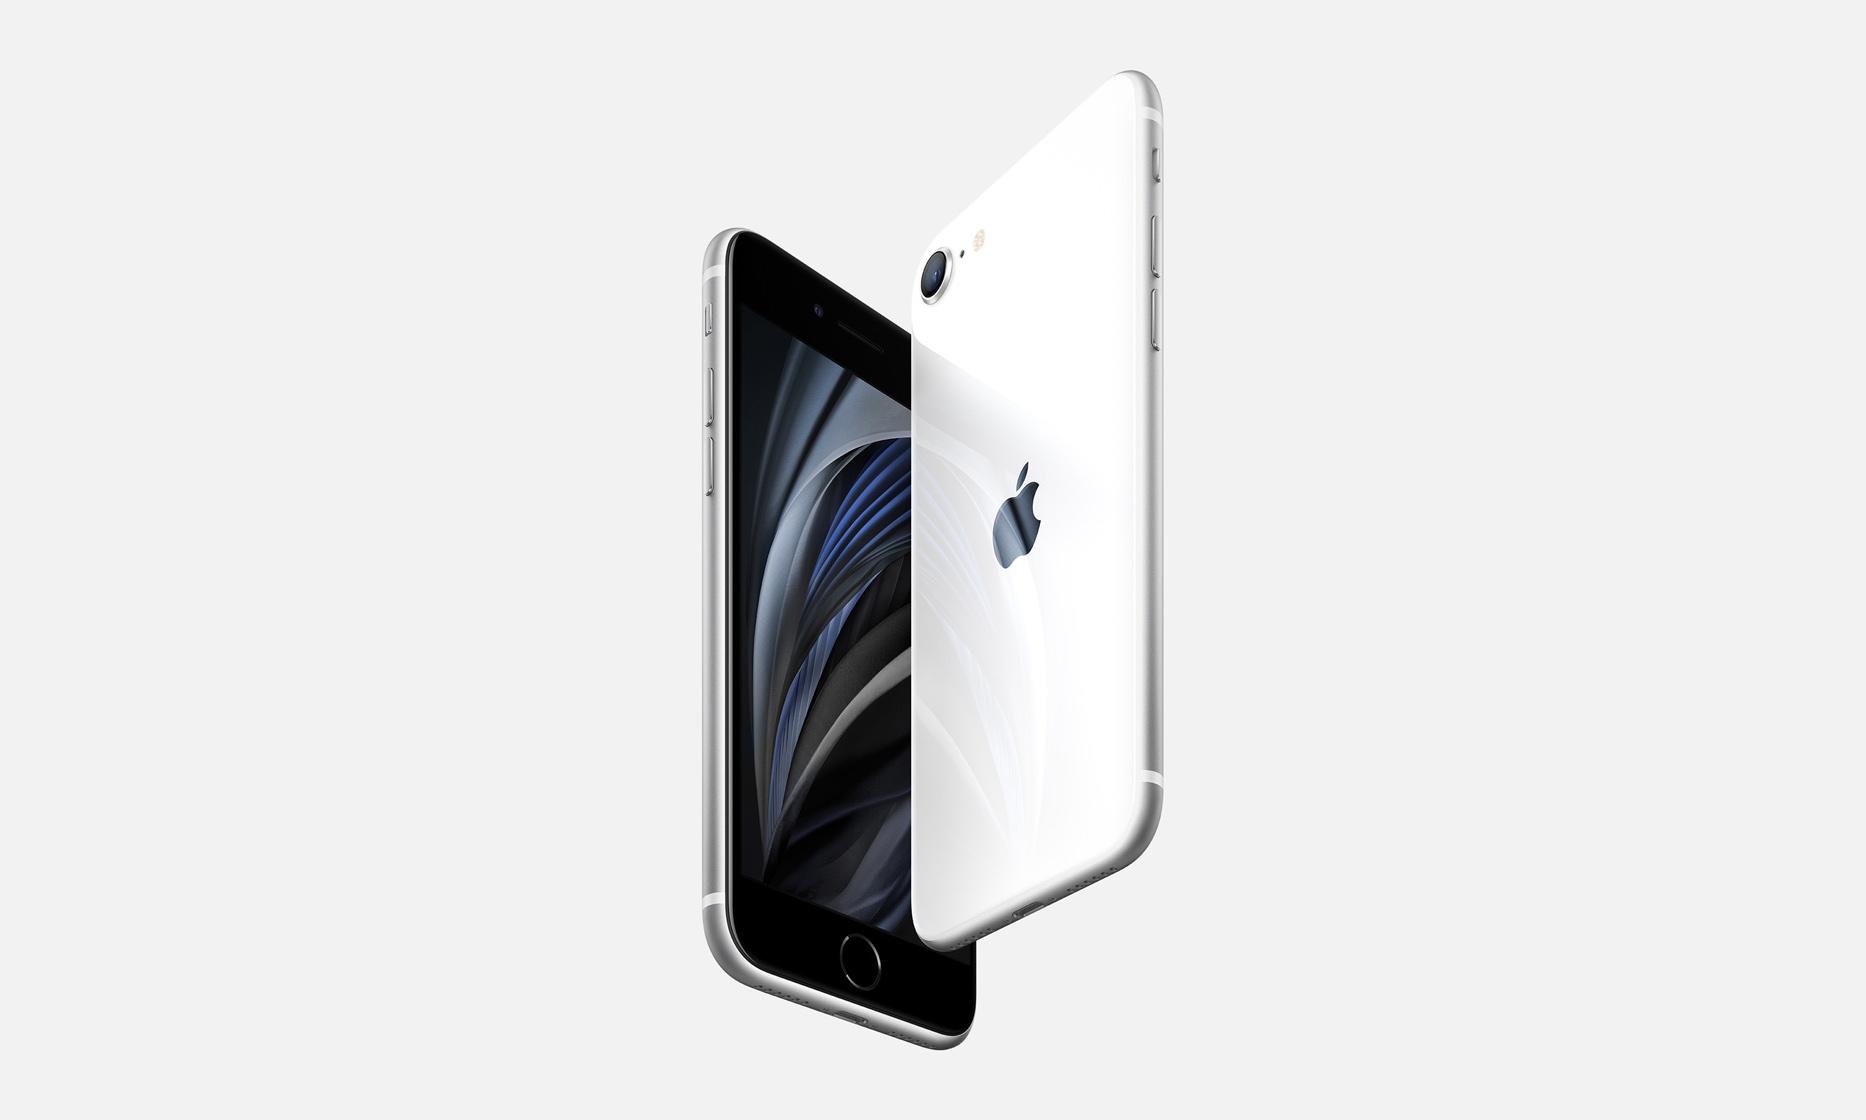 疫情之下仍然坚挺,4 月 iPhone 在国内销量翻倍